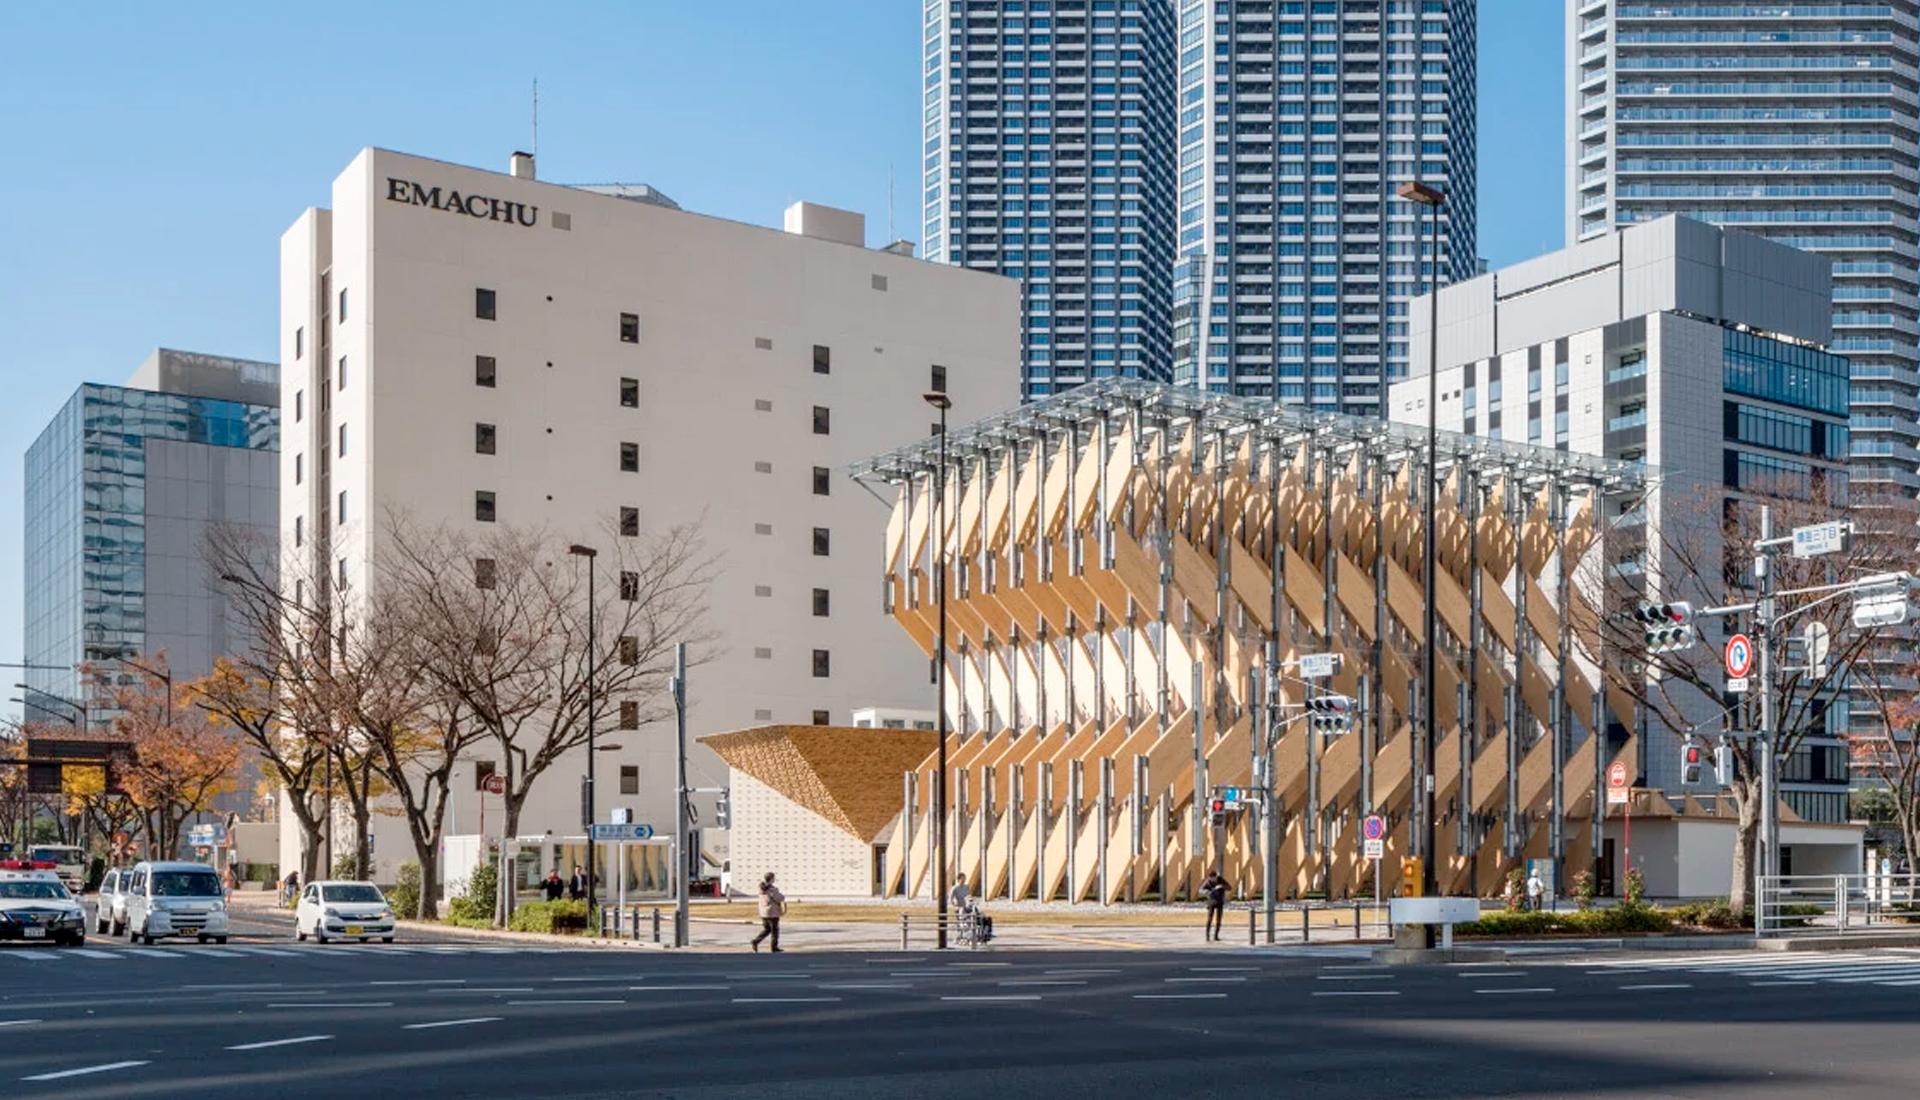 Кенго Кума: деревянный павильон в Токио